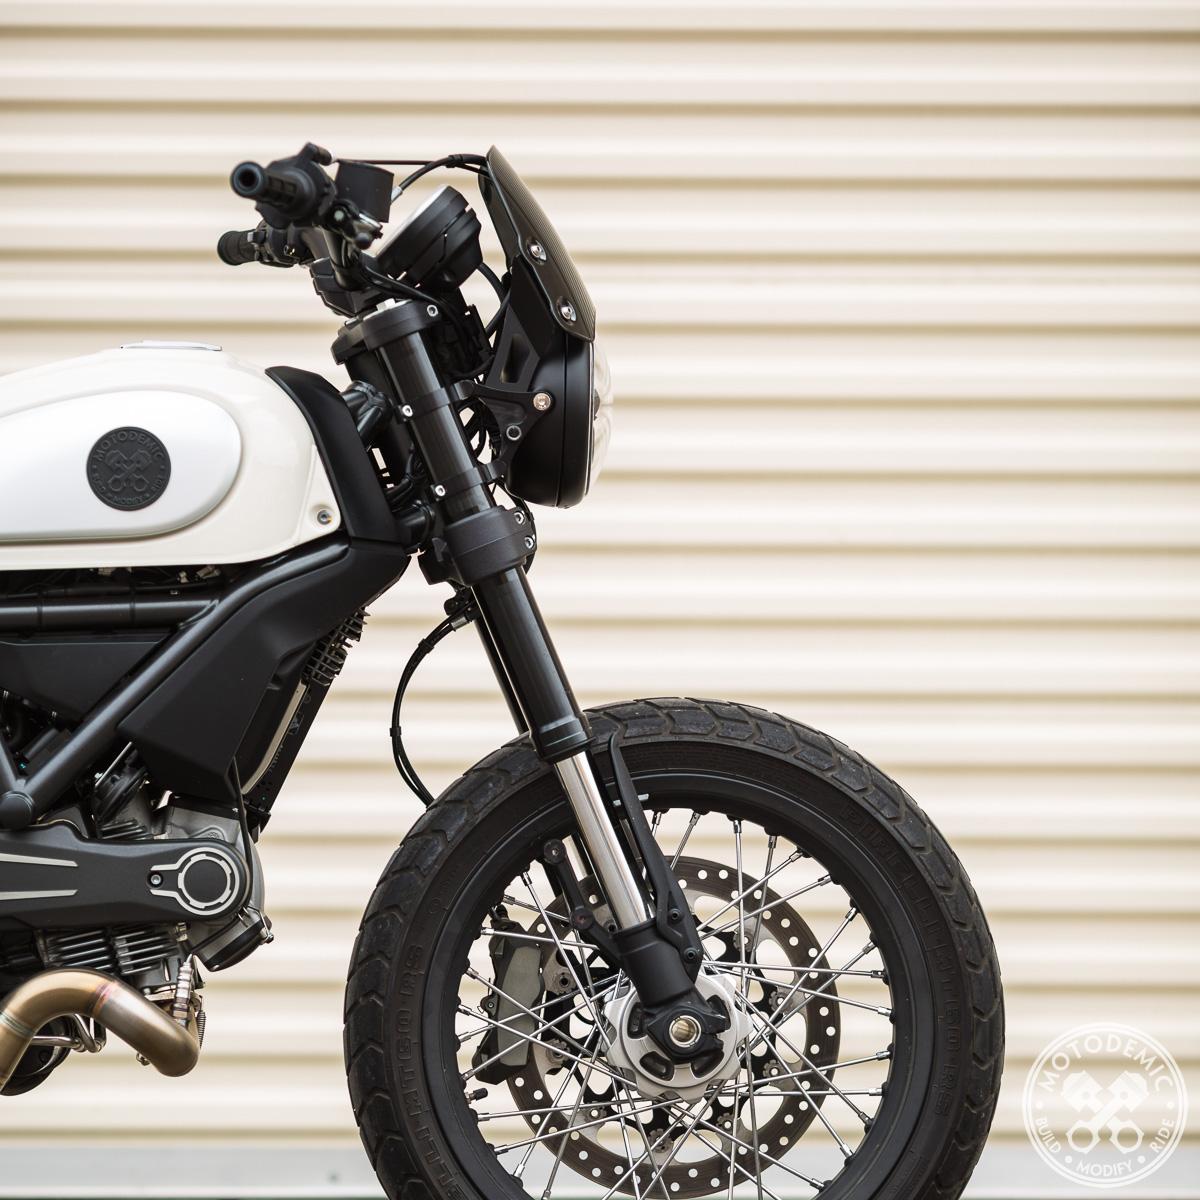 SHIN YO omologate Street Classic Cafe Racer 2 frecce a LED Ducati Scrambler Icon